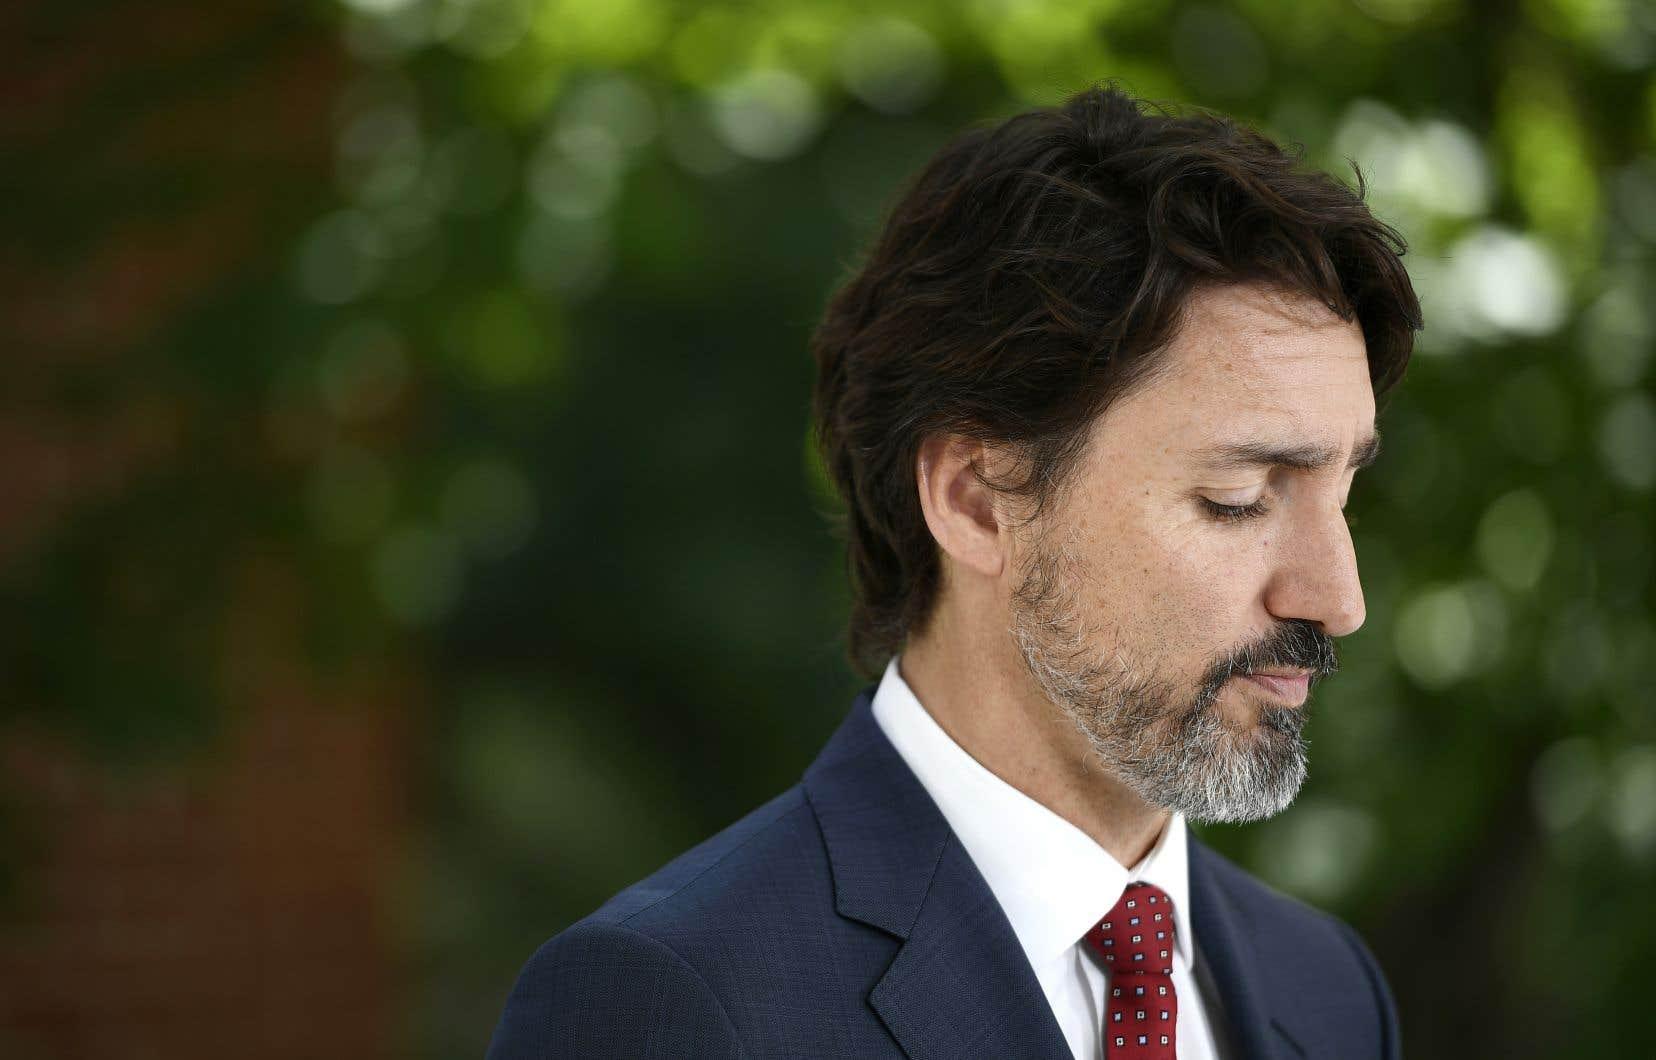 Depuis 2017, Justin Trudeau a violé à deux reprises la loi sur les conflits d'intérêts, selon le Commissaire à l'éthique.